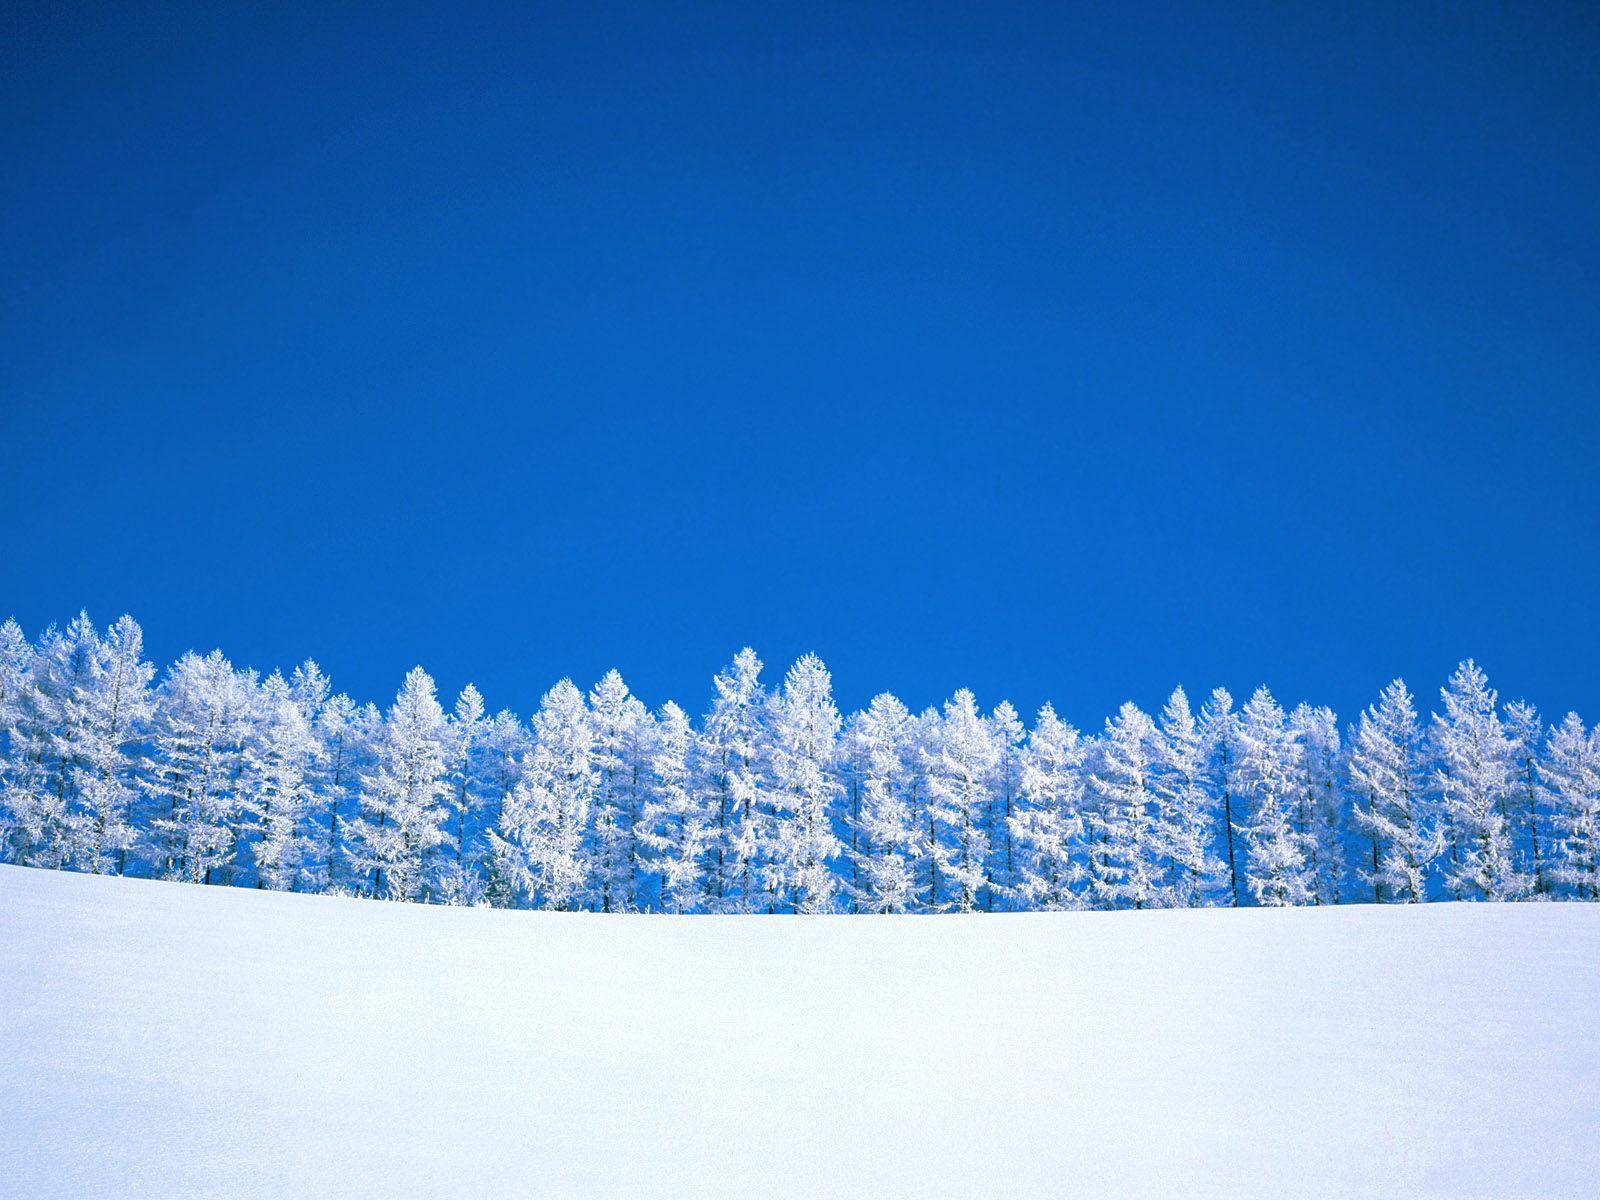 Winter Powderblue Wallpaper hd downloads Iphone Ipad 1600x1200